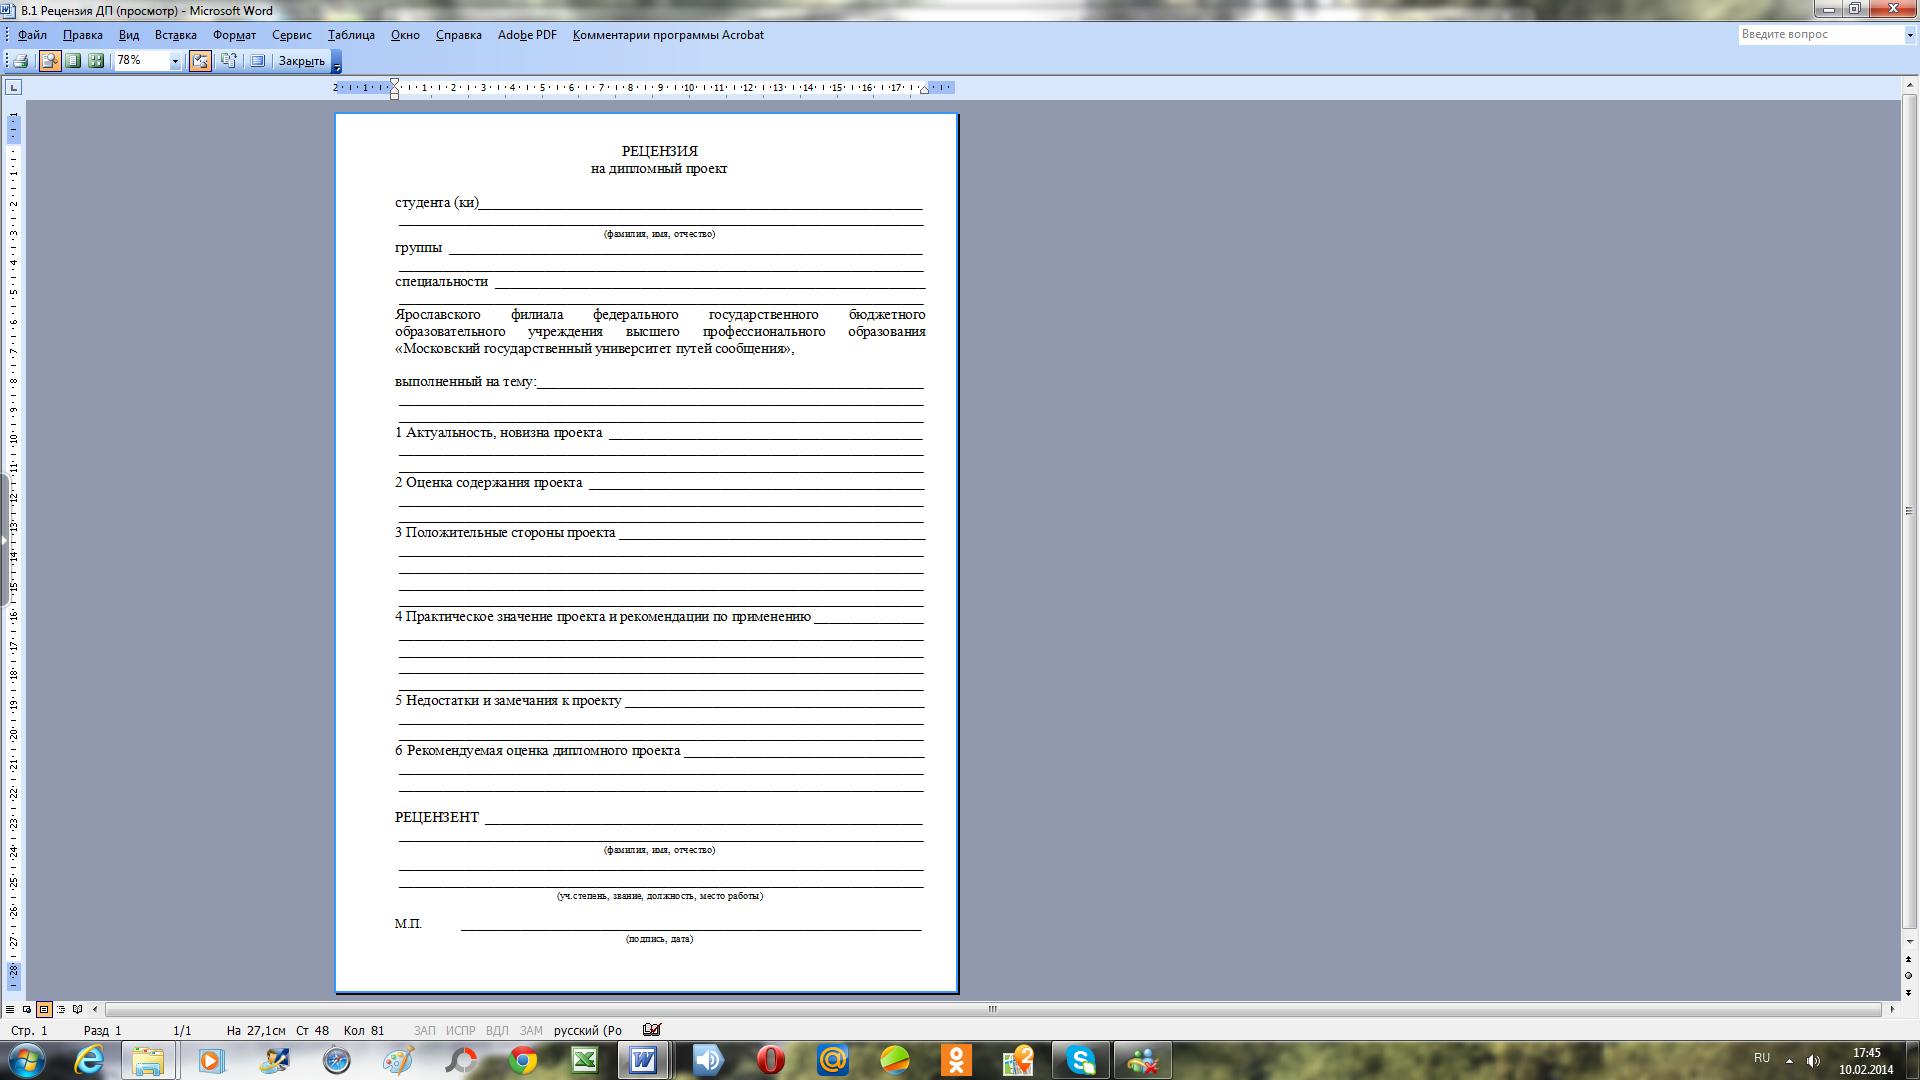 Оформление ТитульнОго листА Рисунок 7 1 Рецензия на дипломный проект